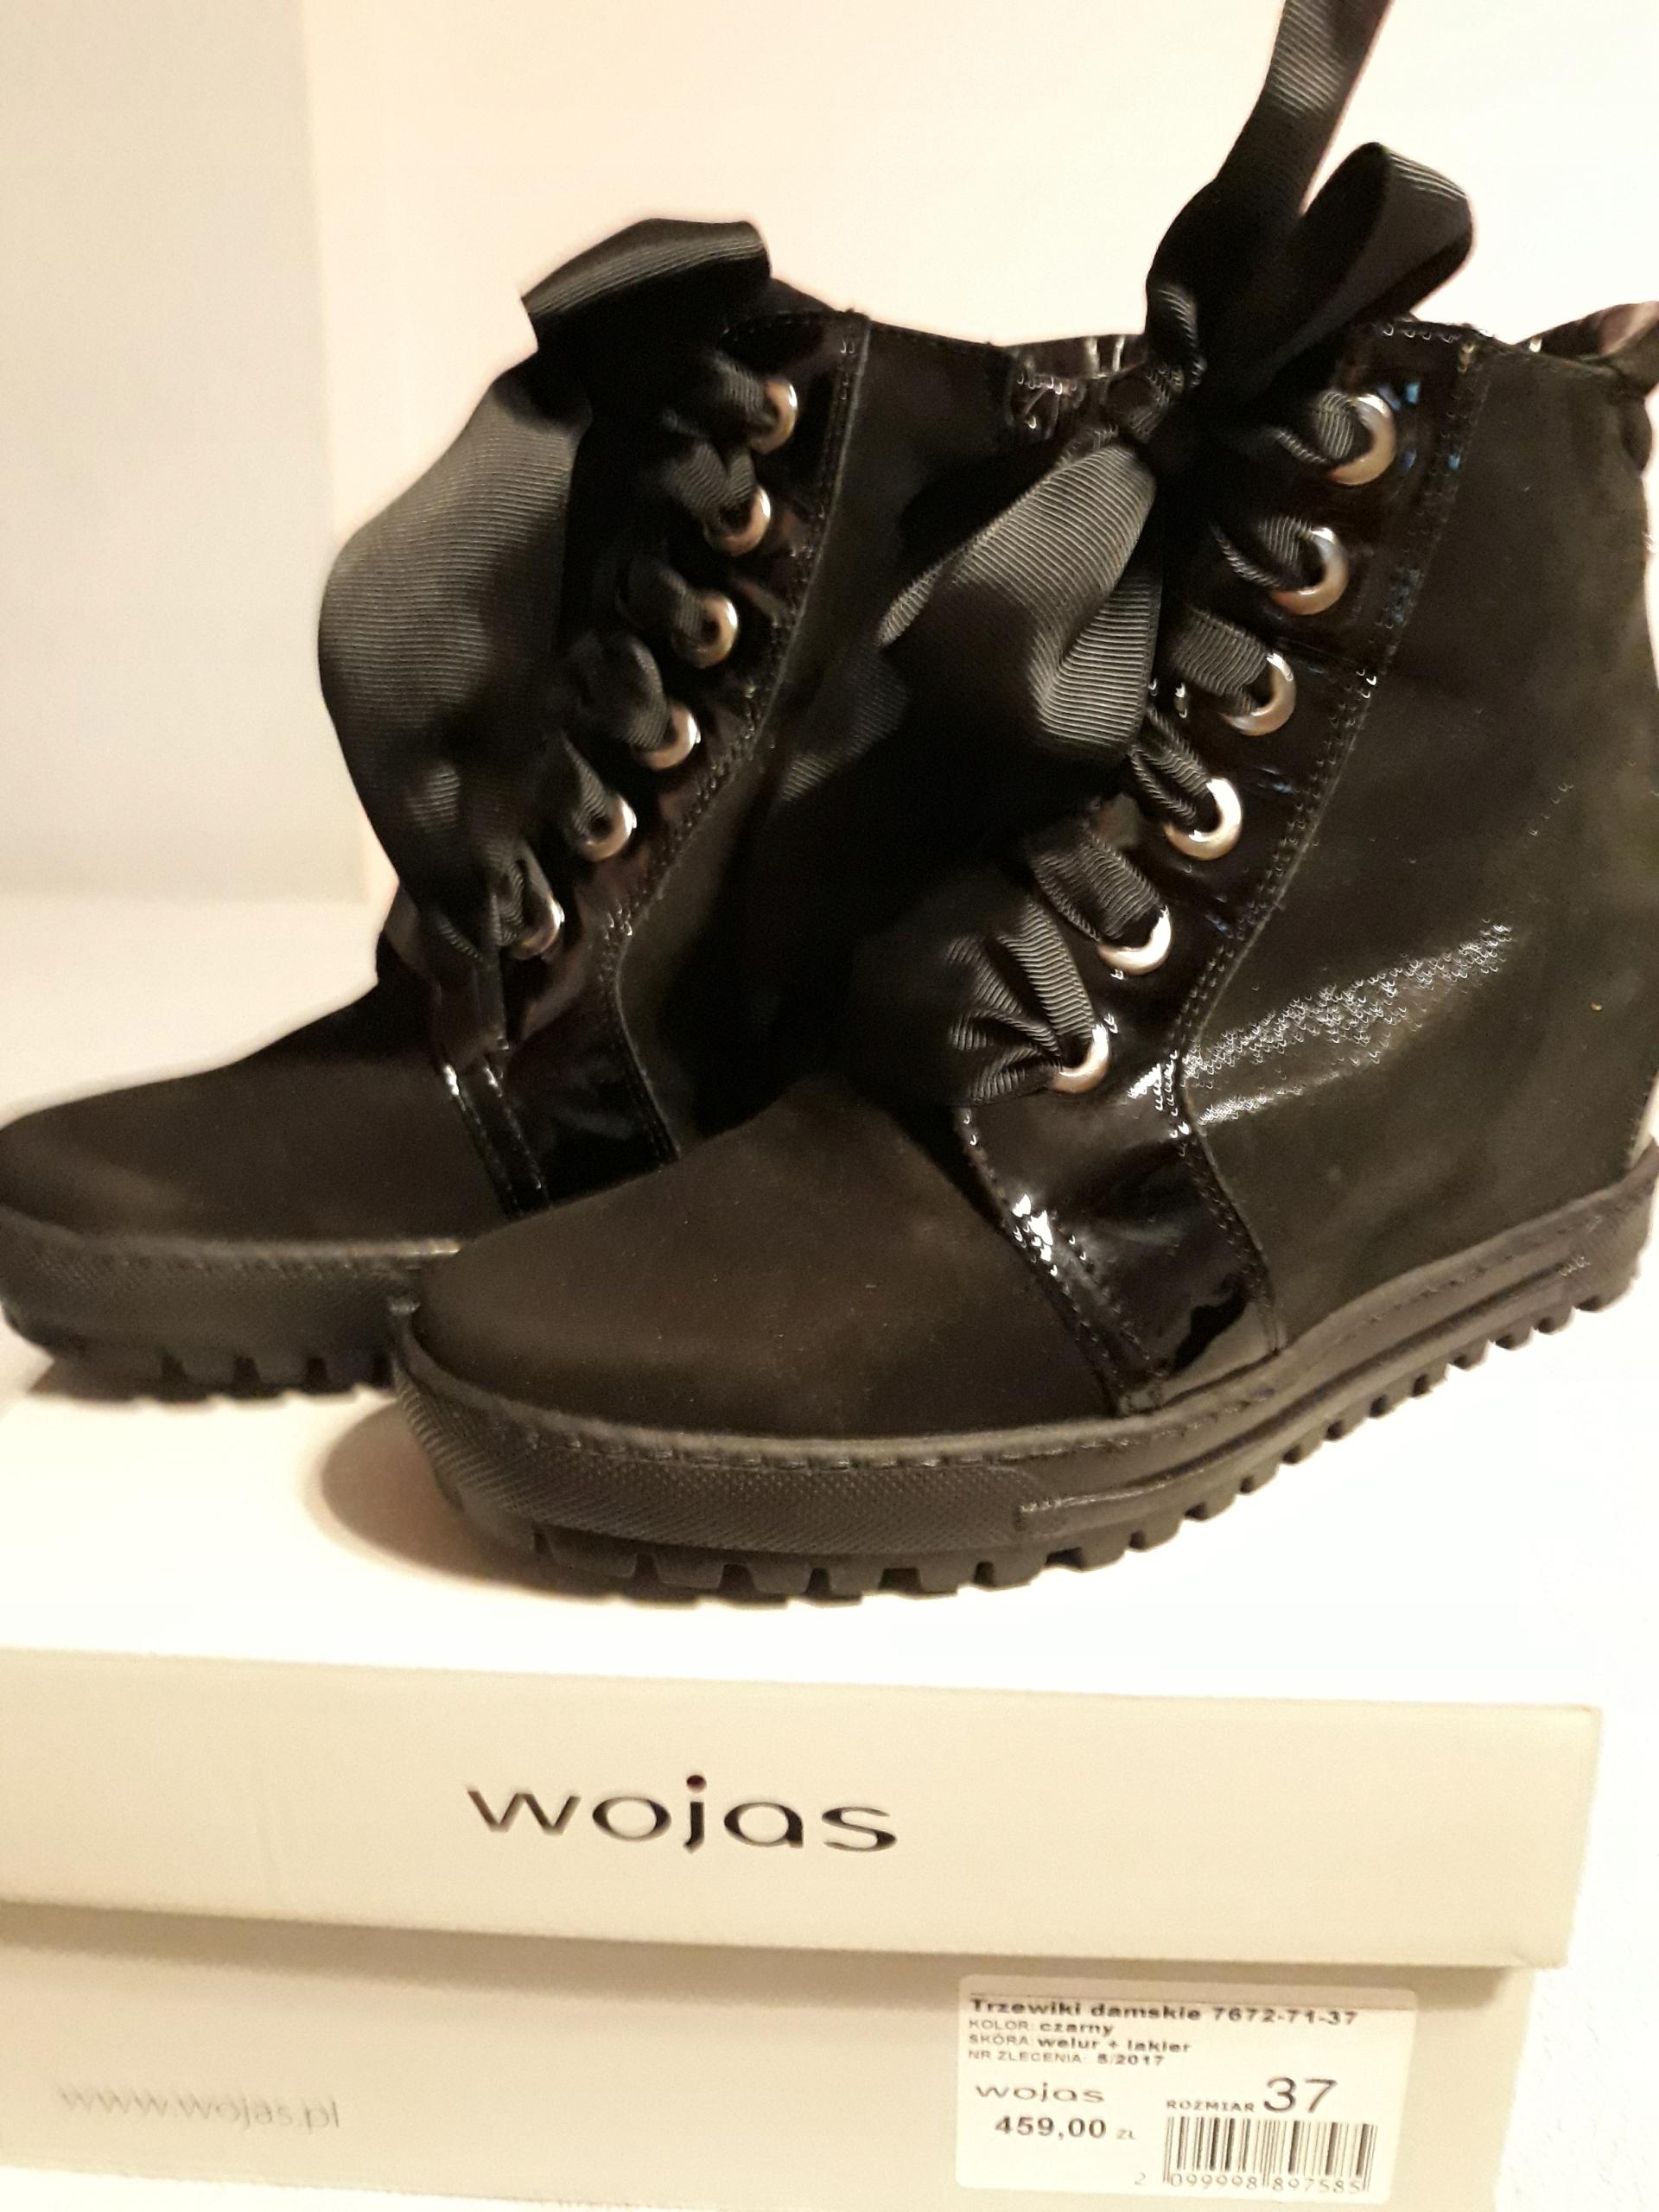 1ddd074bce358 Sneakersy Wojas ideał!Mniej niż pół ceny! - 7749306139 - oficjalne ...